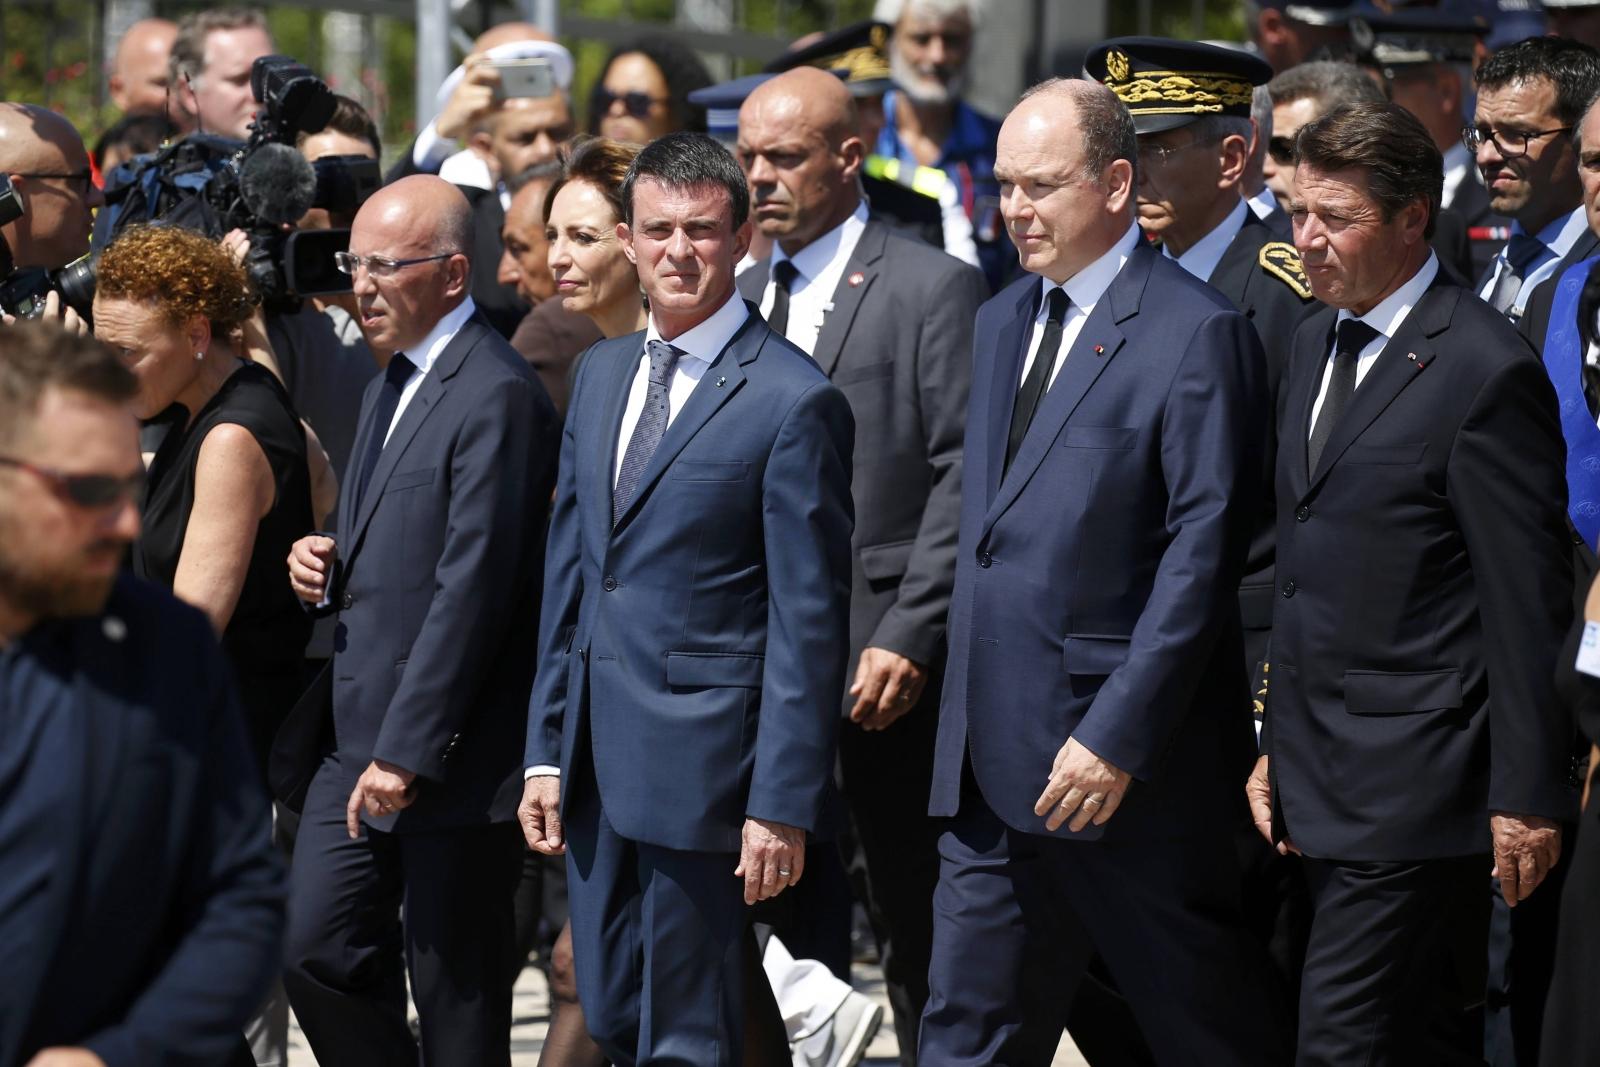 French Prime Minister Valls